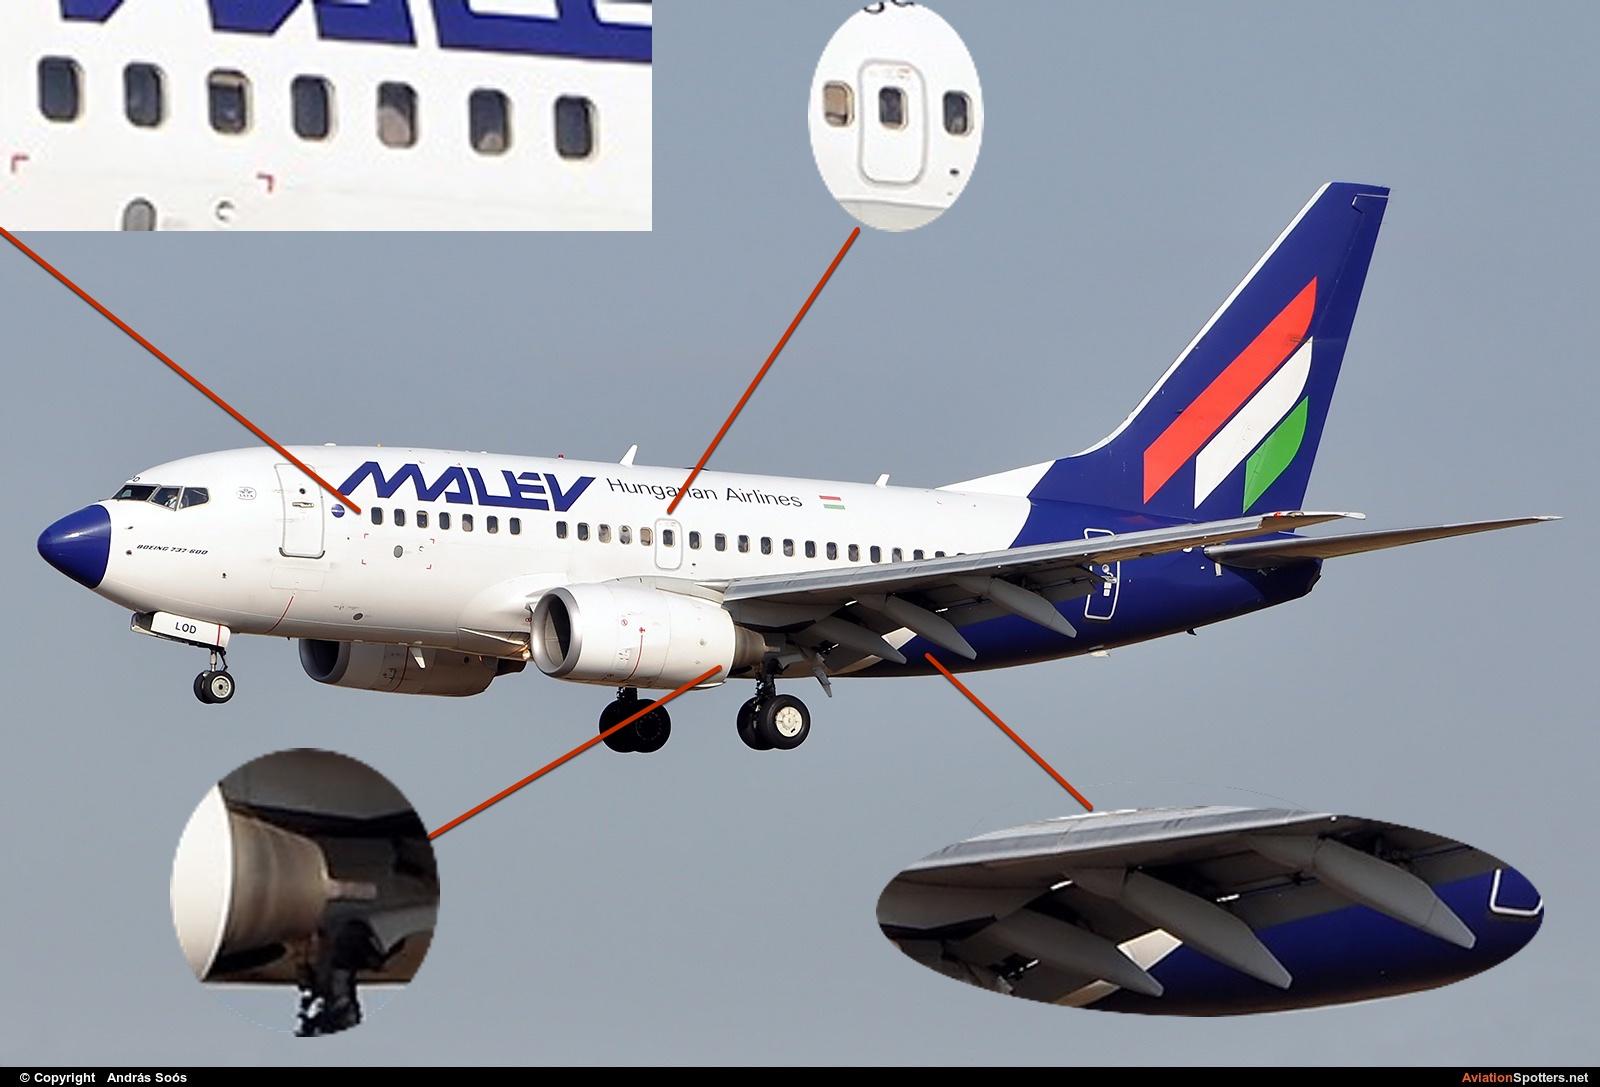 """737-600 не так просто отличить от 737-500: тоже один выход, тоже 7-8 окошек, поэтому различать можно по форме двигателя и по количеству """"бананов"""" по крылом: у NG три, у """"классики"""" два с каждой стороны."""